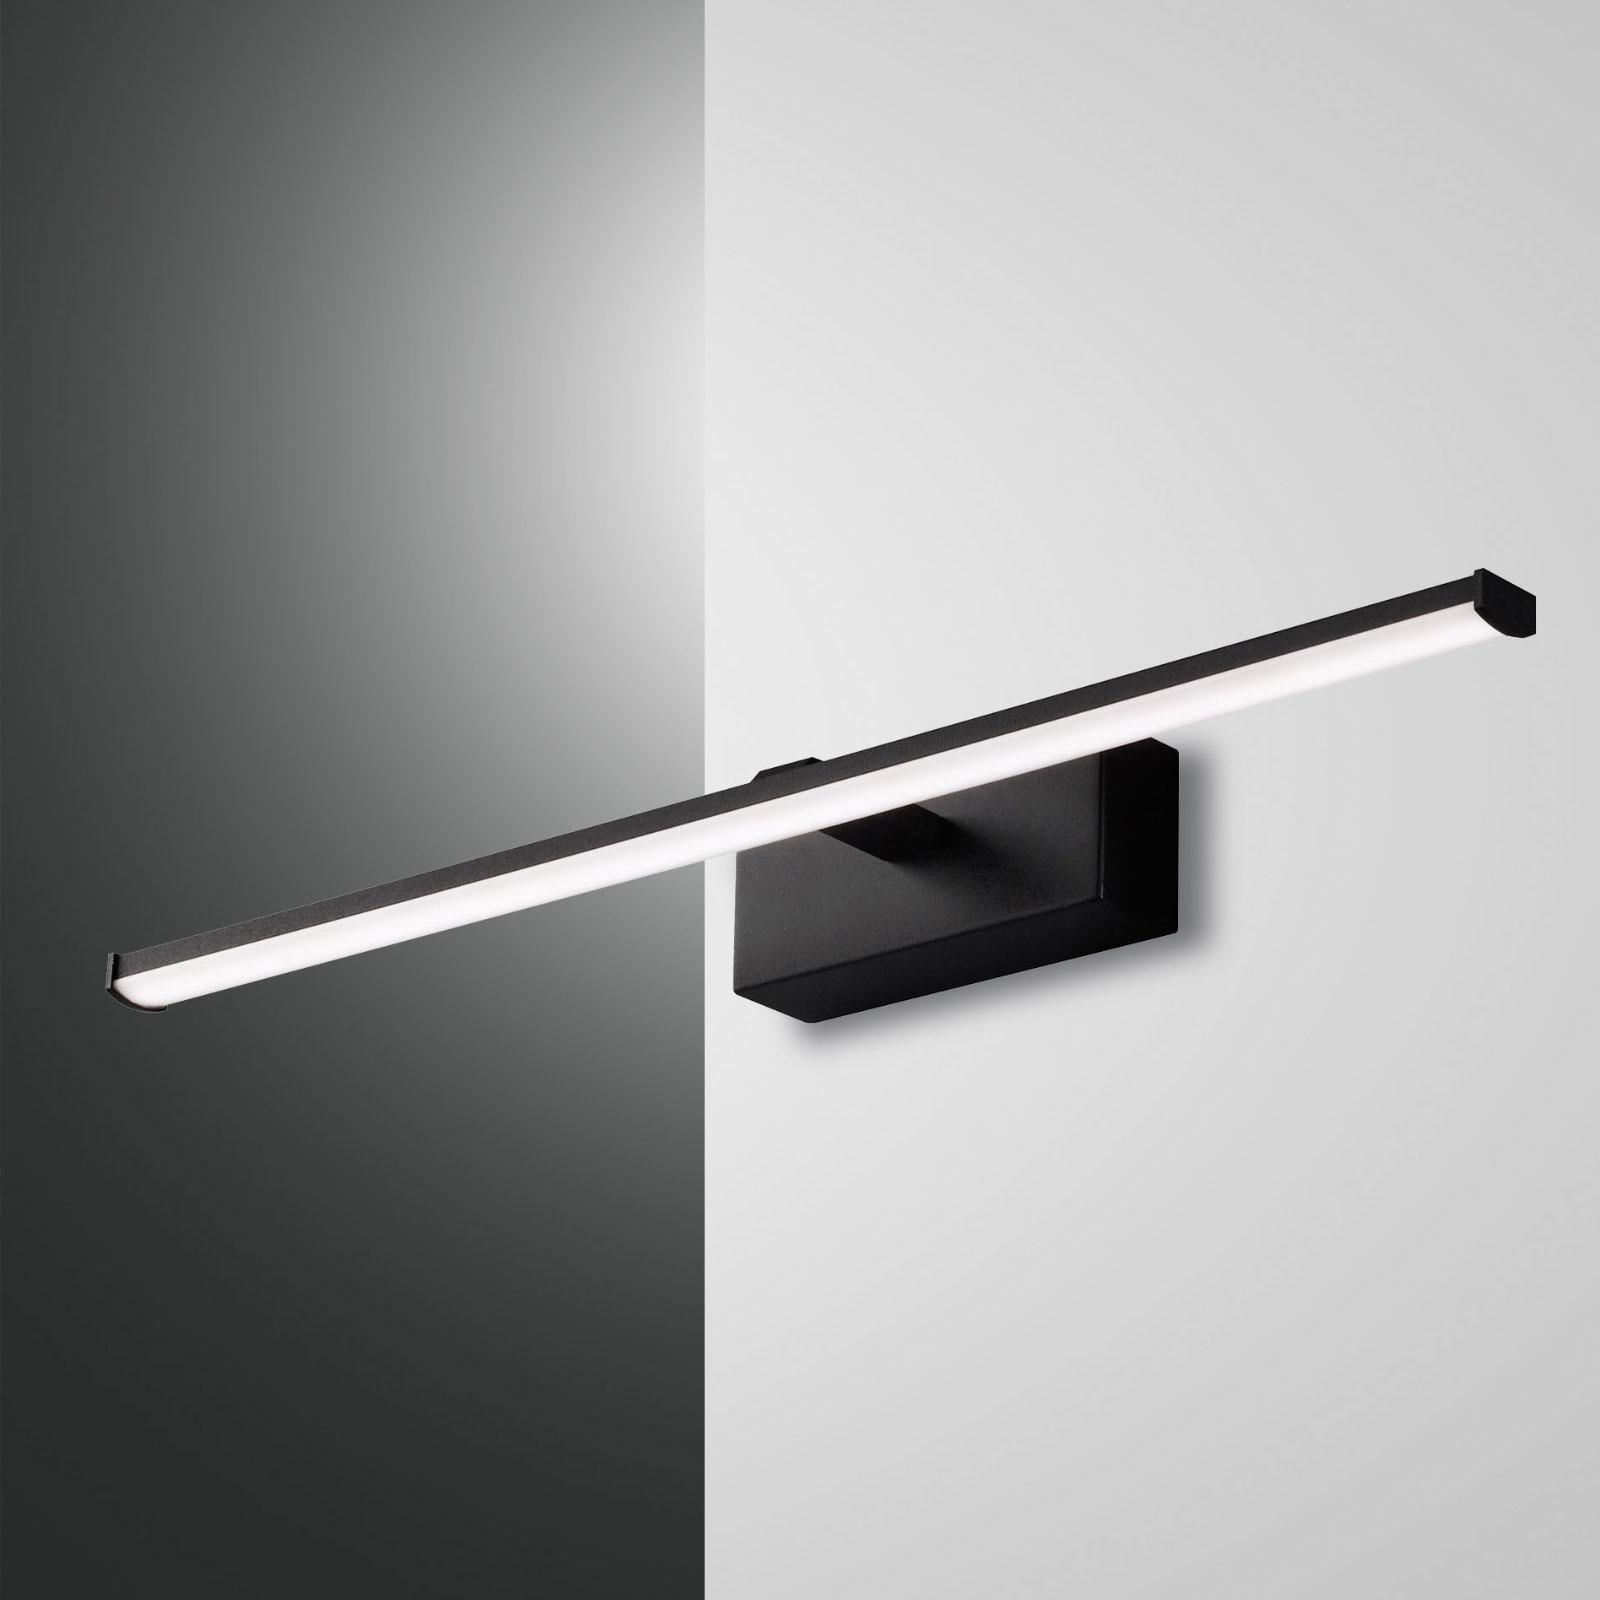 Applique LED Nala, noire, largeur 50cm